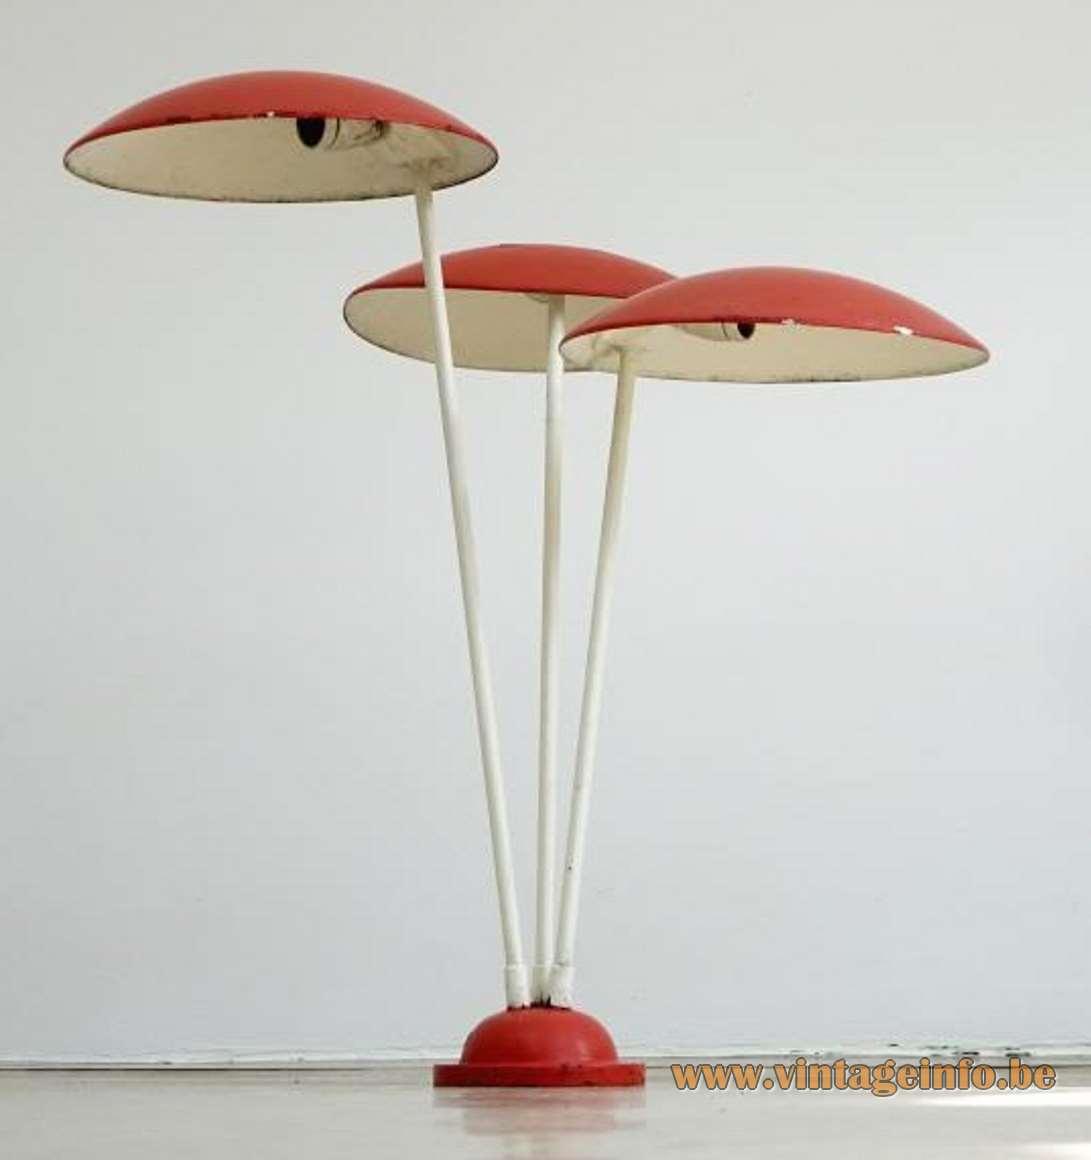 BEGA Garden Lamps Expo 58